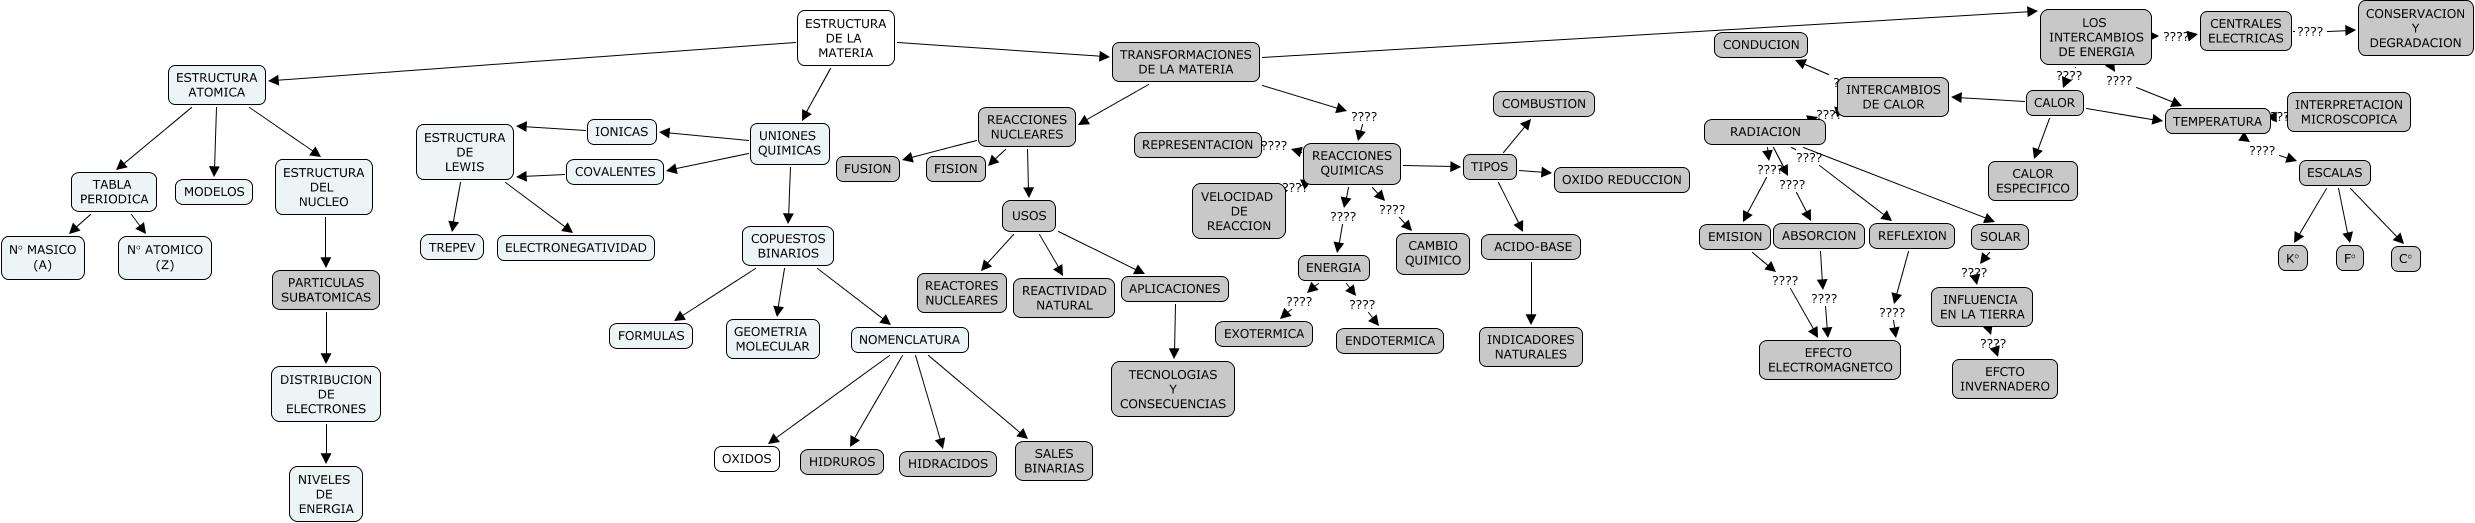 Mapa conceptual reacciones quimicas calor calor especifico uniones quimicas copuestos binarios estructura atomica tabla periodica calor temperatura calor intercambios urtaz Choice Image